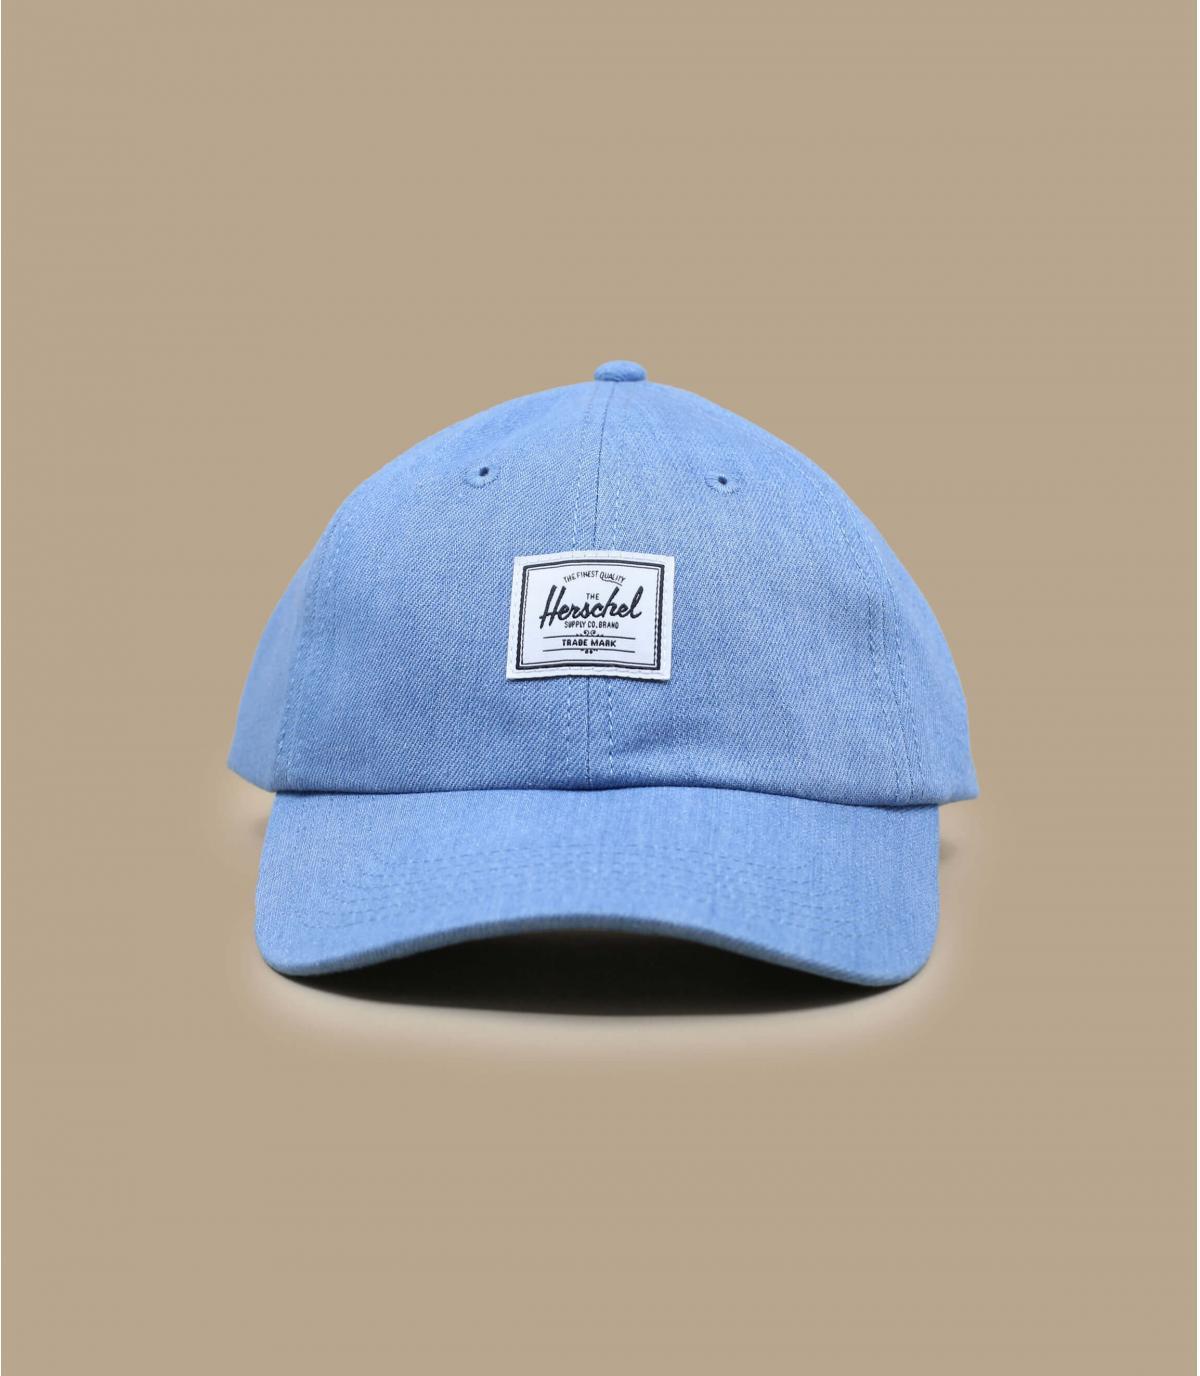 Herschel cap washed denim